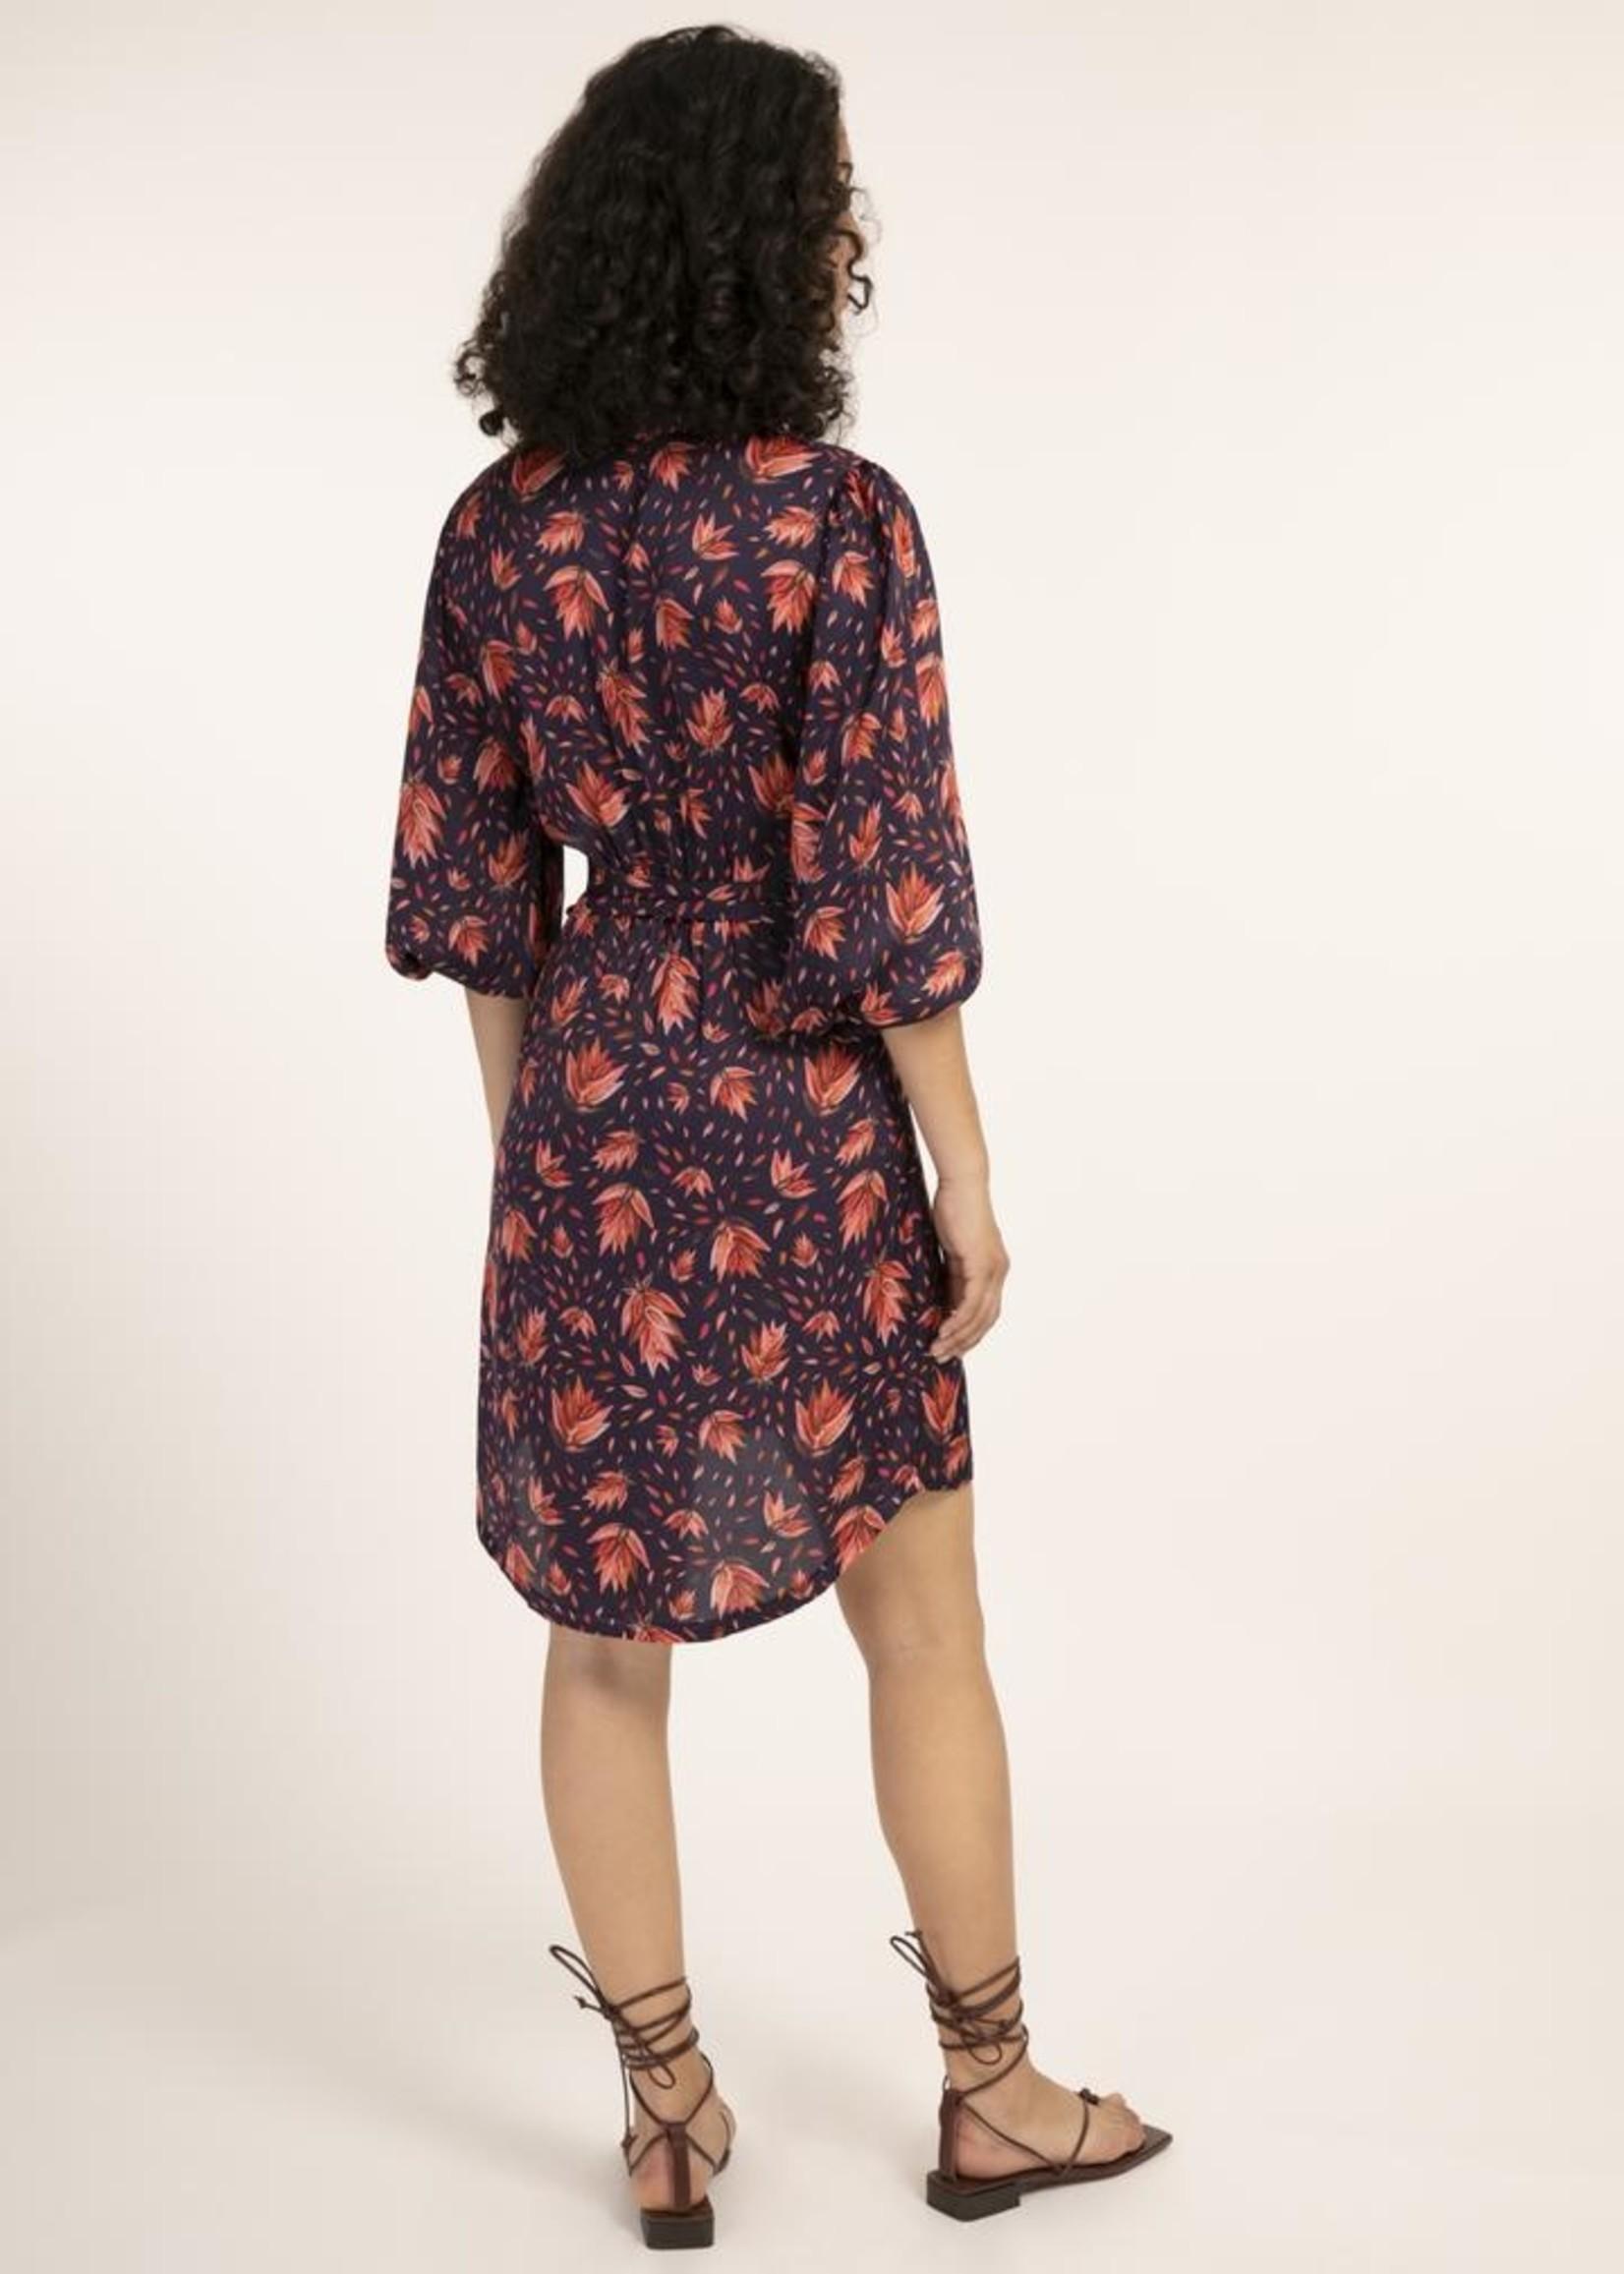 Elitaire Boutique Alessia Floral Dress